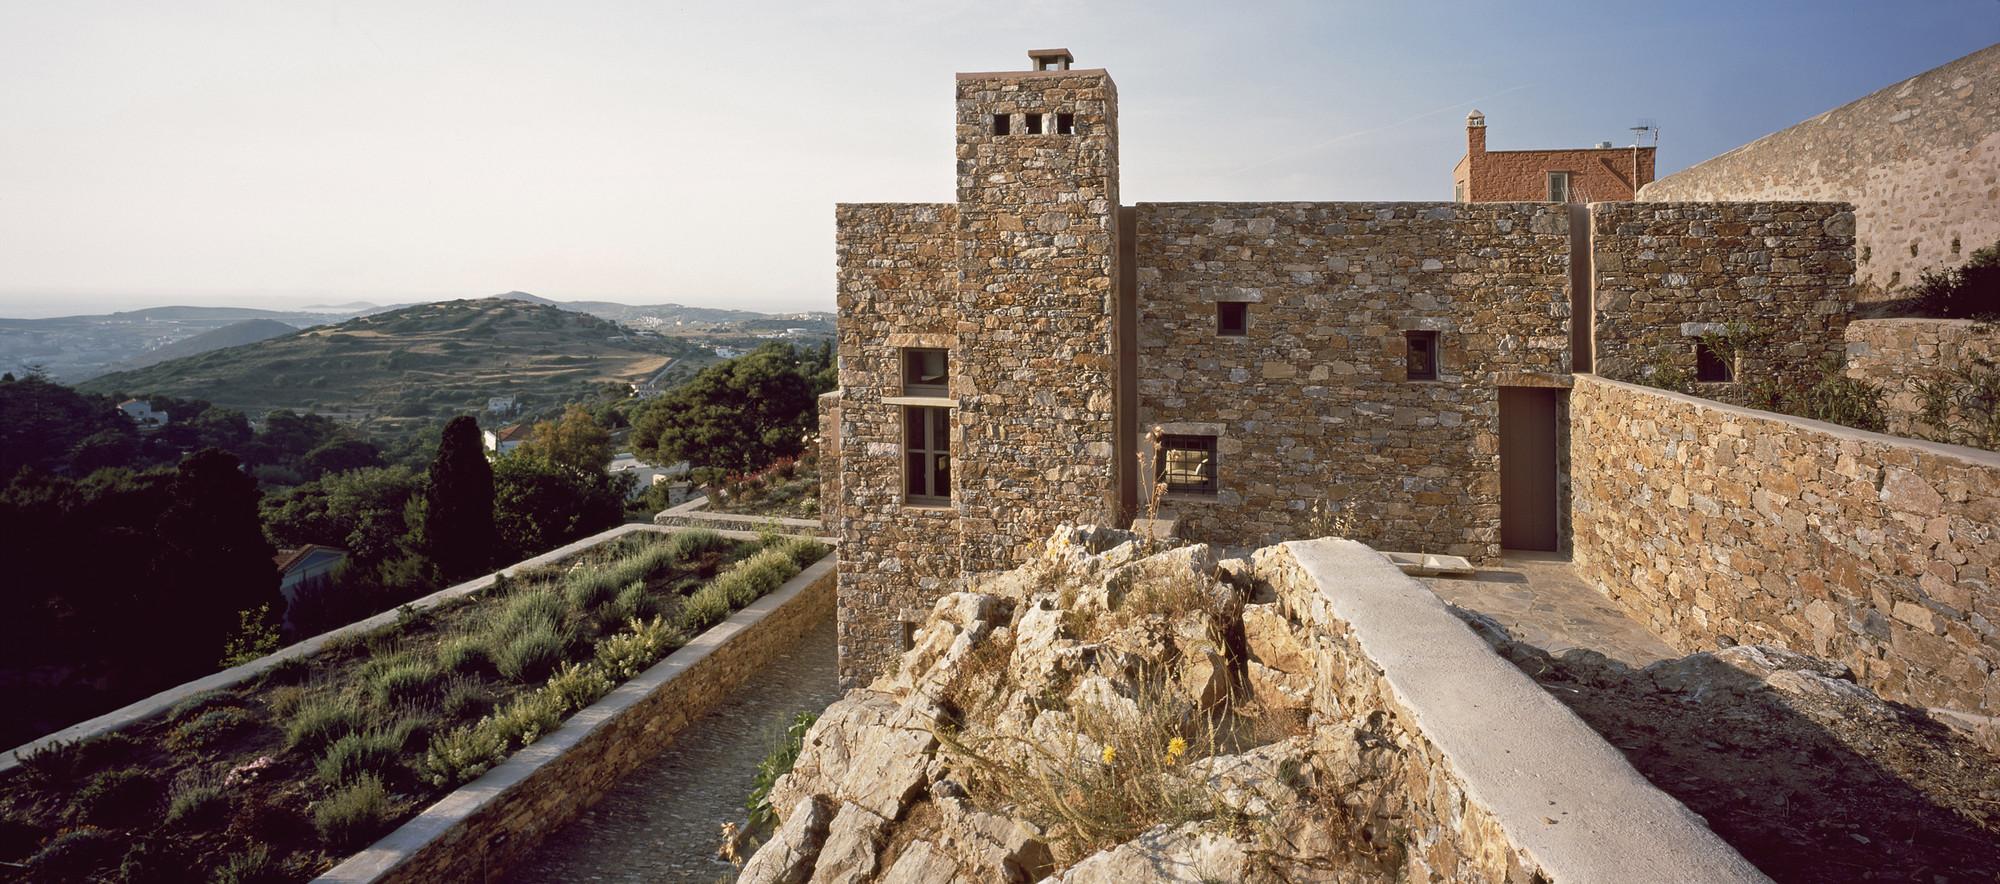 Syros House / Myrto Miliou, © Erieta Attali